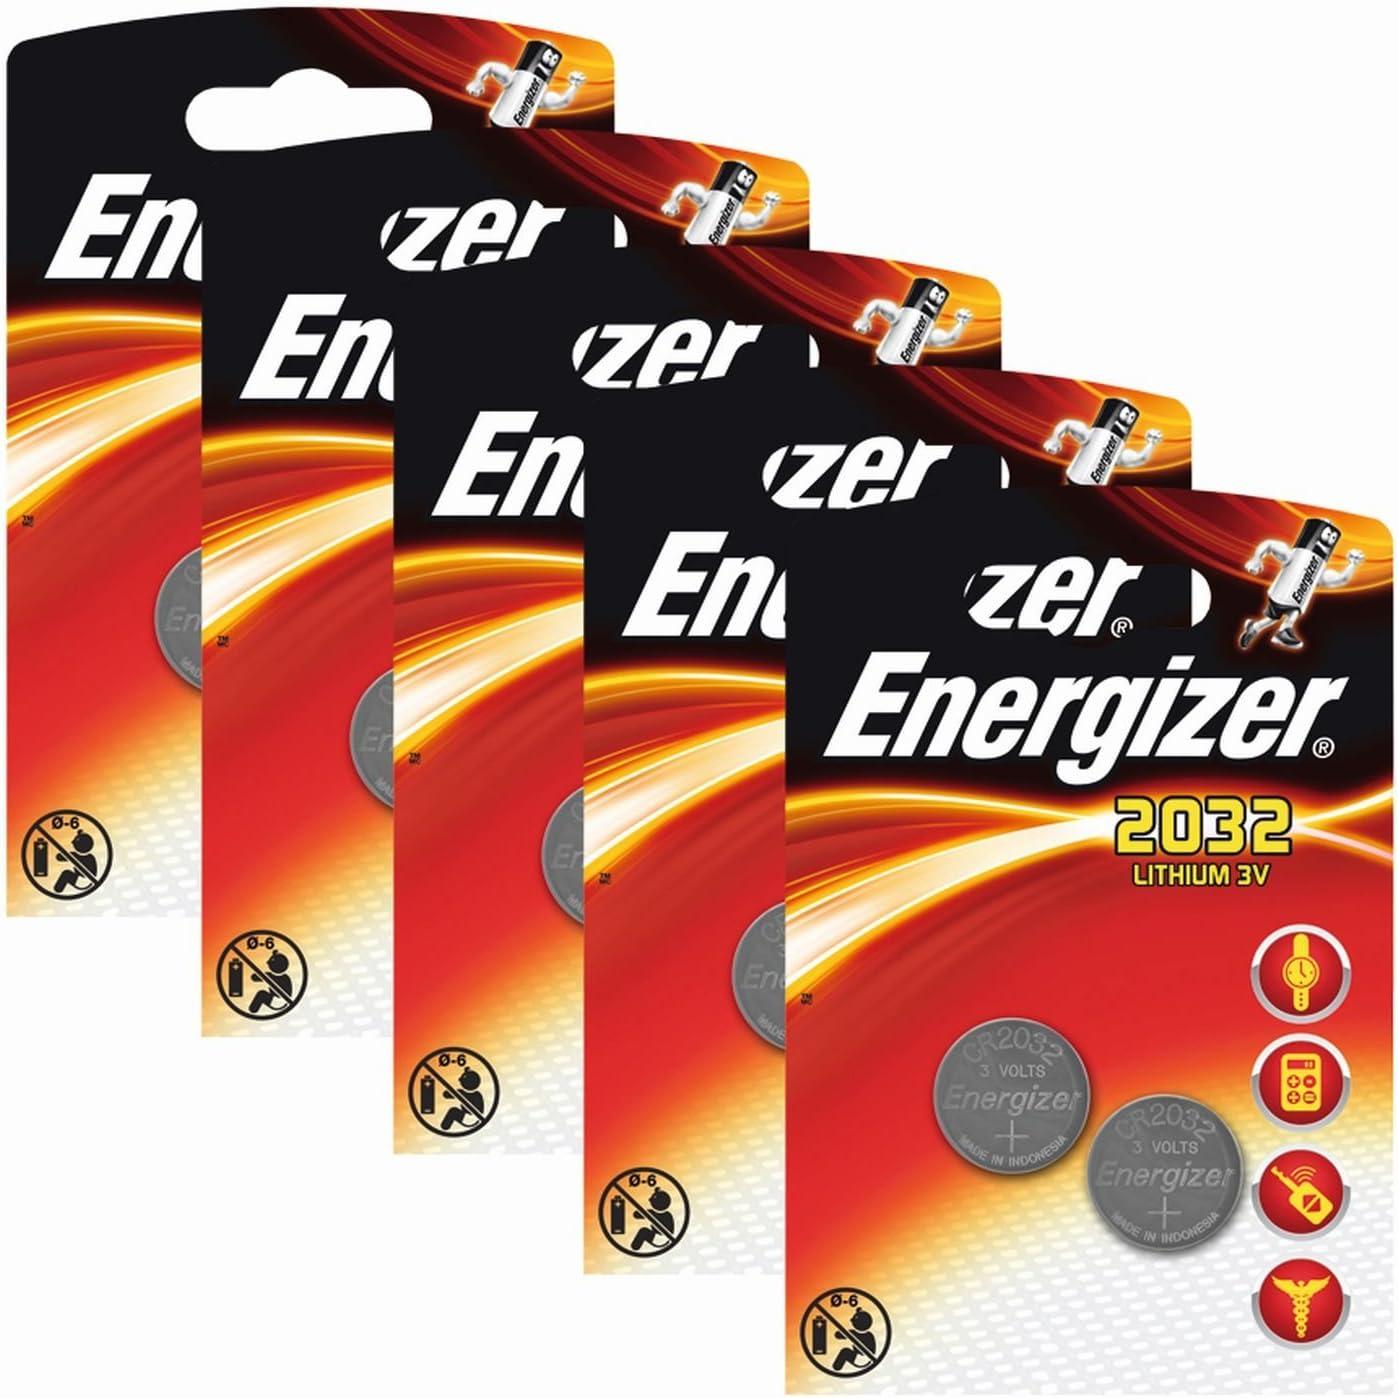 Paquete de Pilas cr 2032 3v Energizer - Pila tipo botón de litio CR especial para dispositivos electrónicos, 5 paquete x 2 unid.